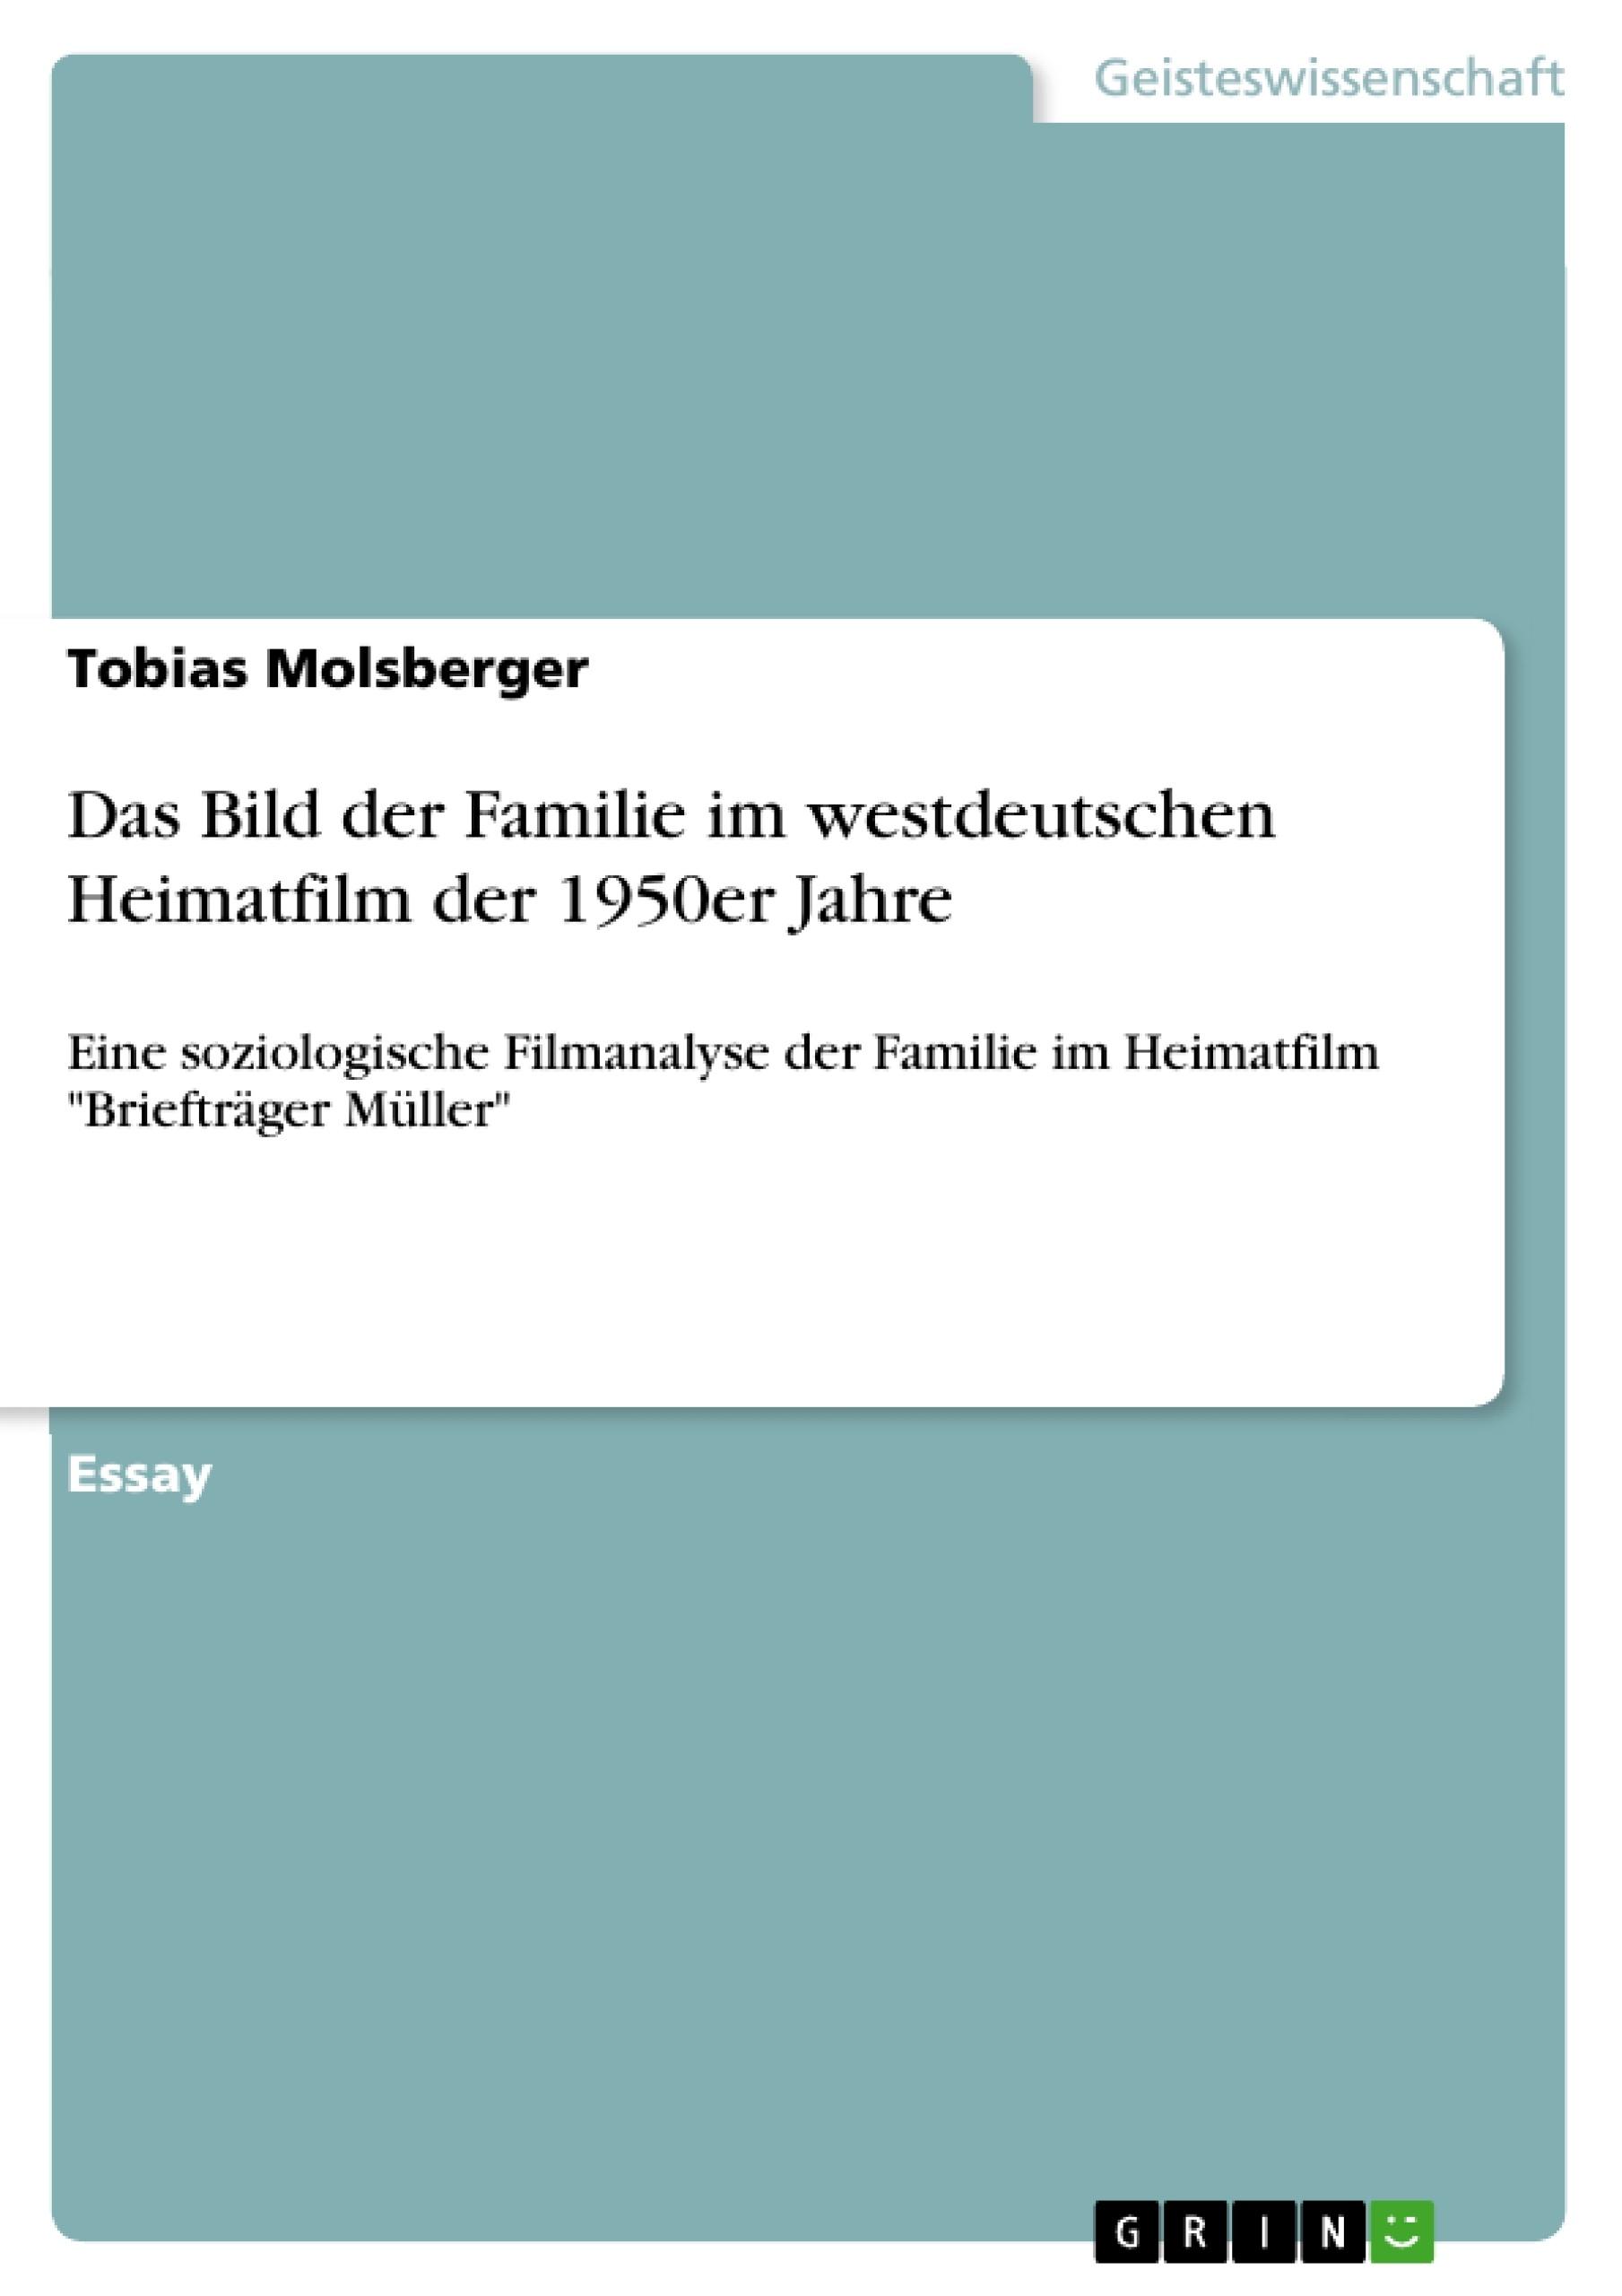 Titel: Das Bild der Familie im westdeutschen Heimatfilm der 1950er Jahre